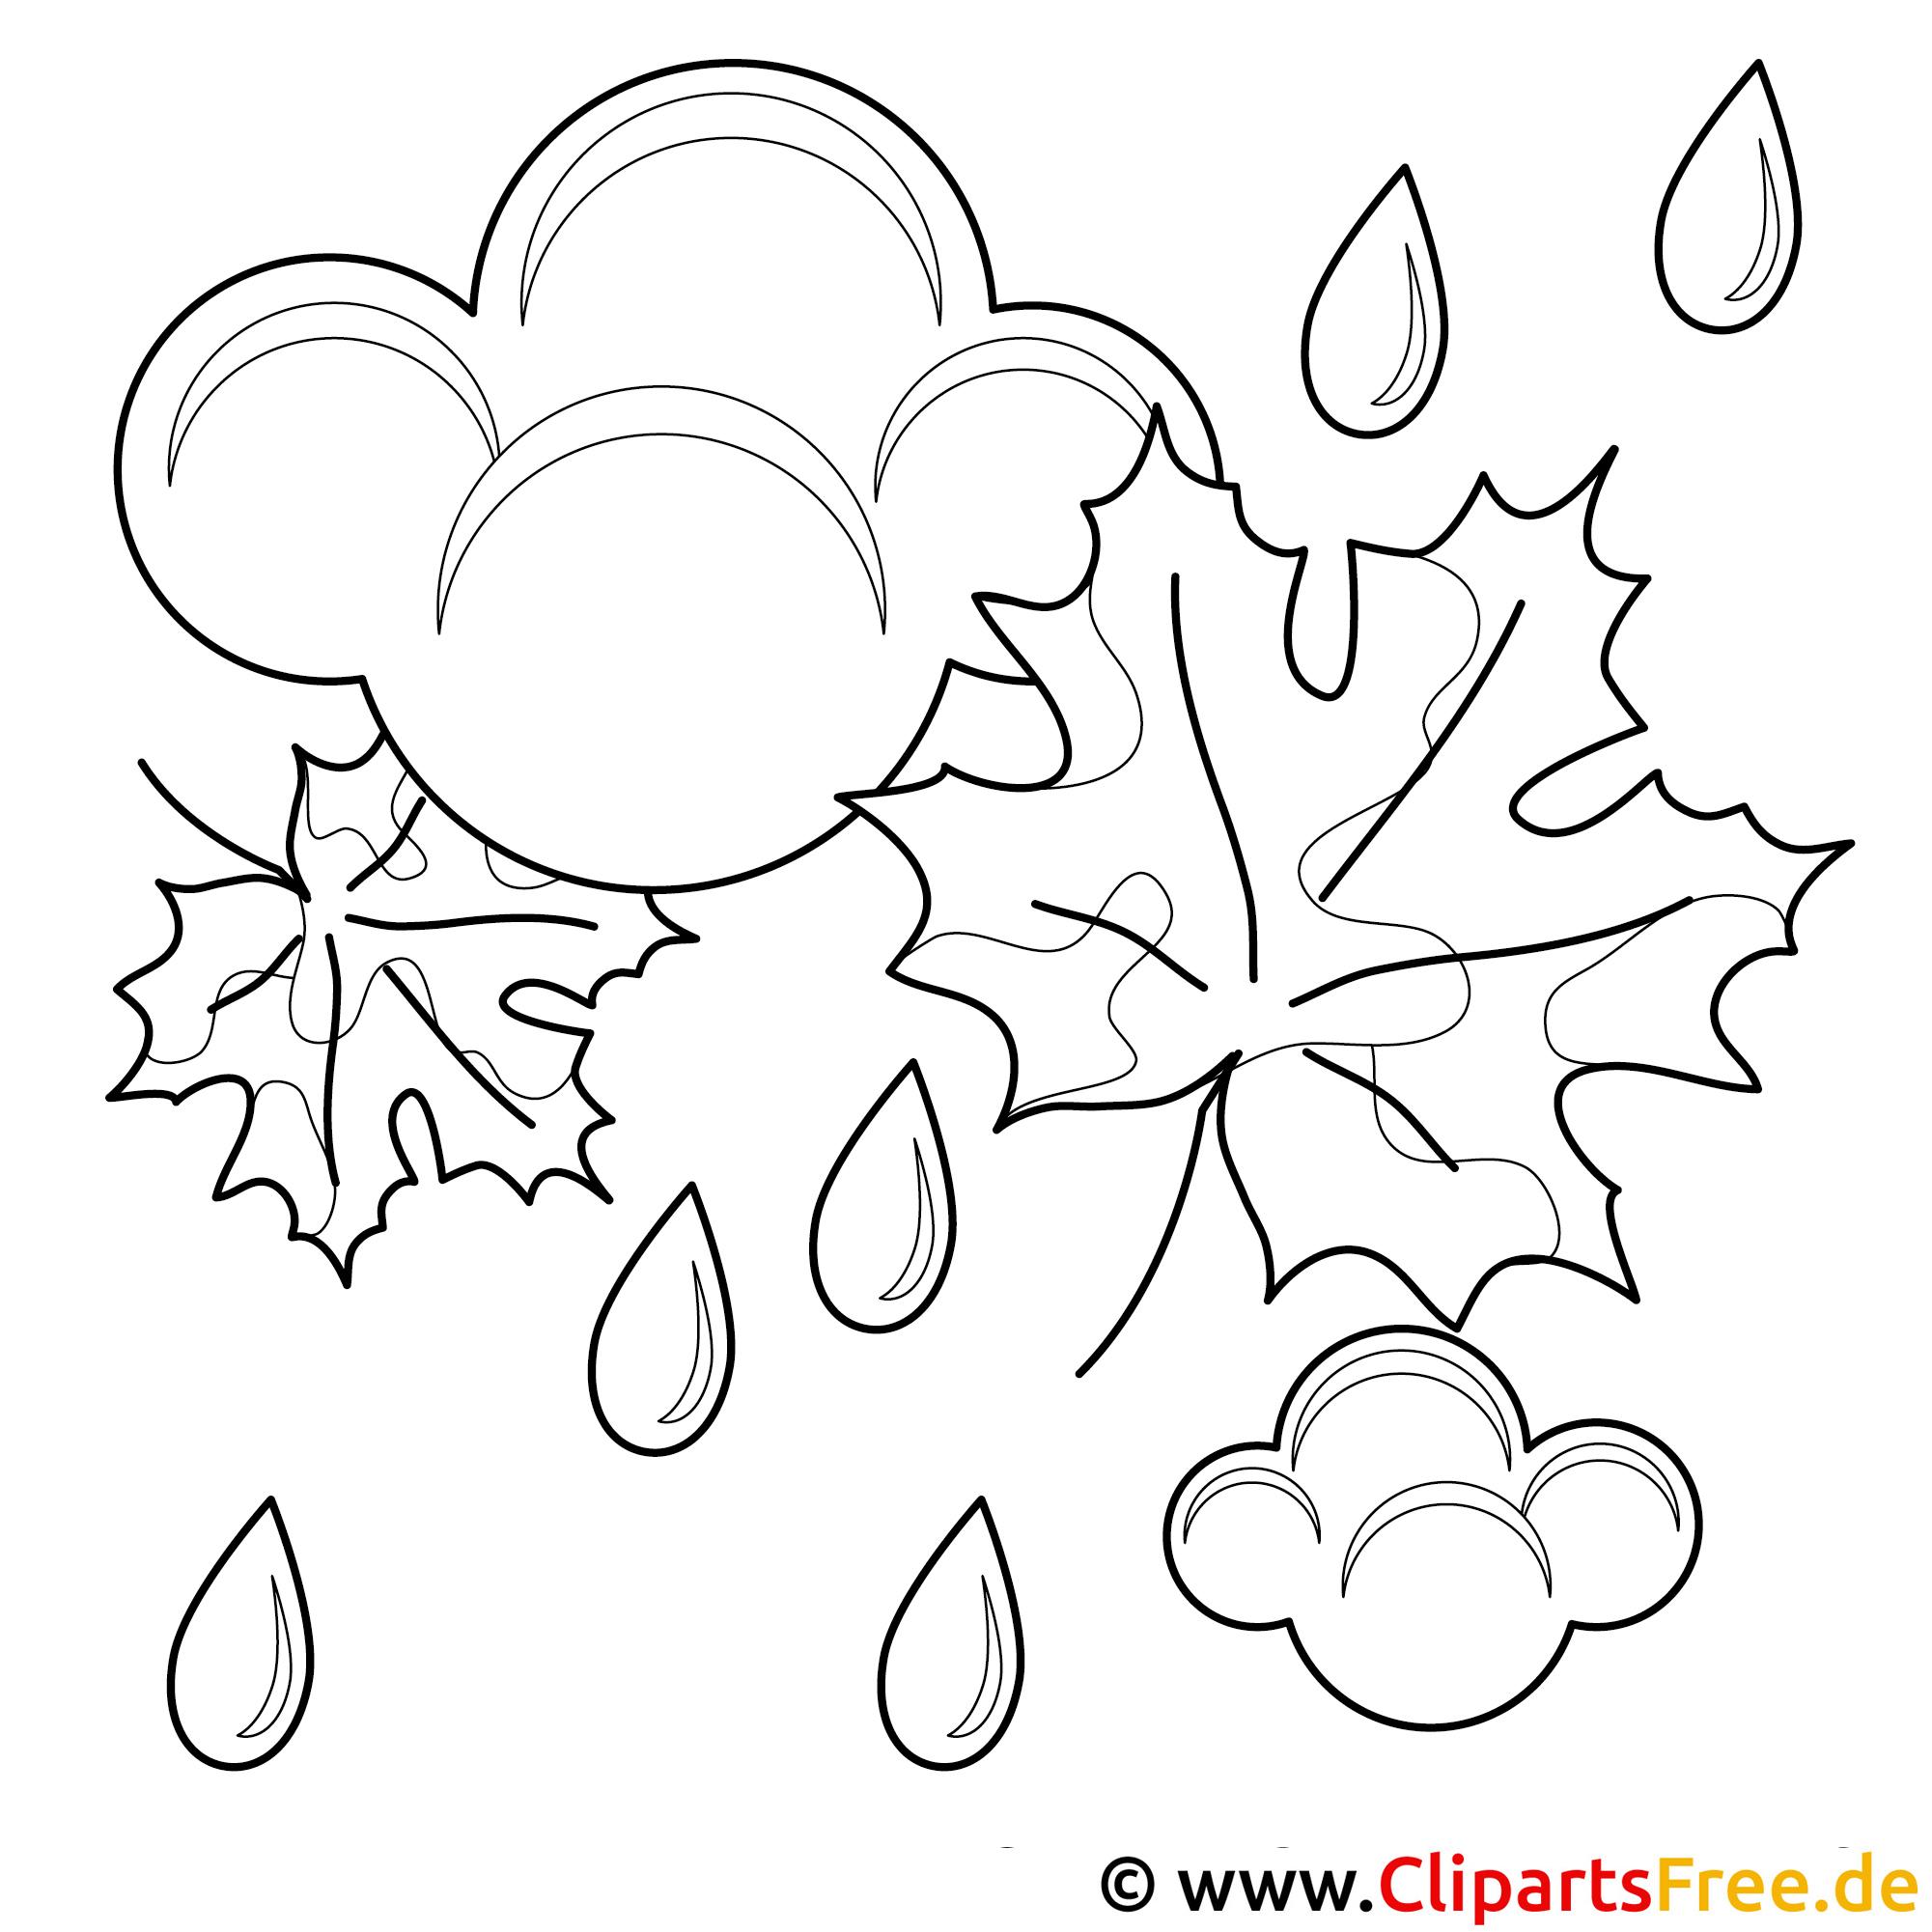 Regen Bild - Vorlage zum Malen Herbst